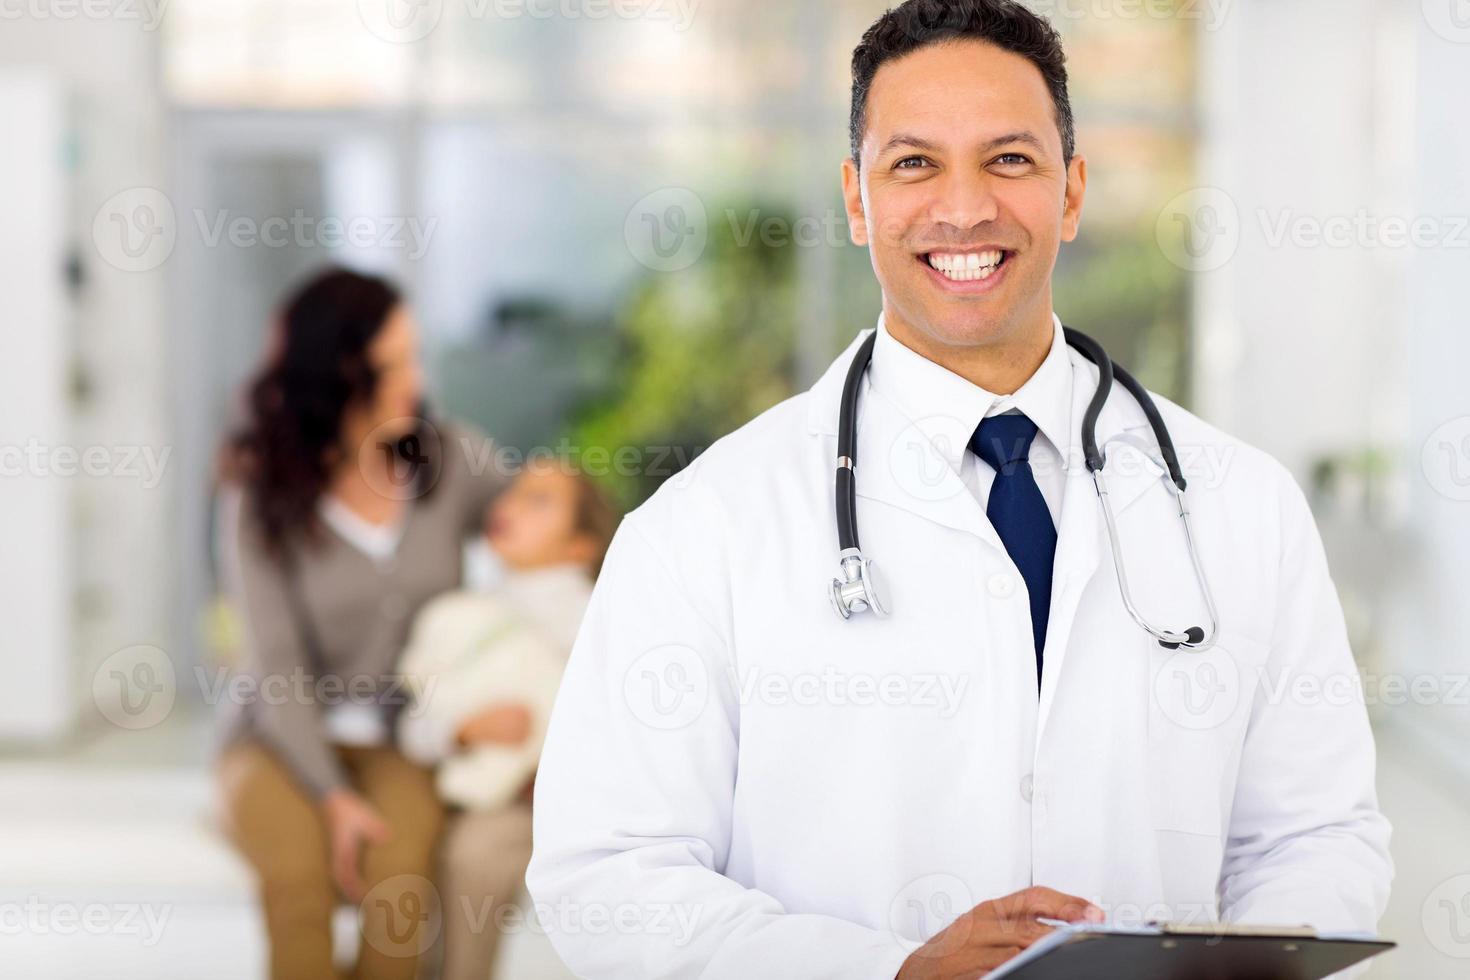 ritratto di medico foto